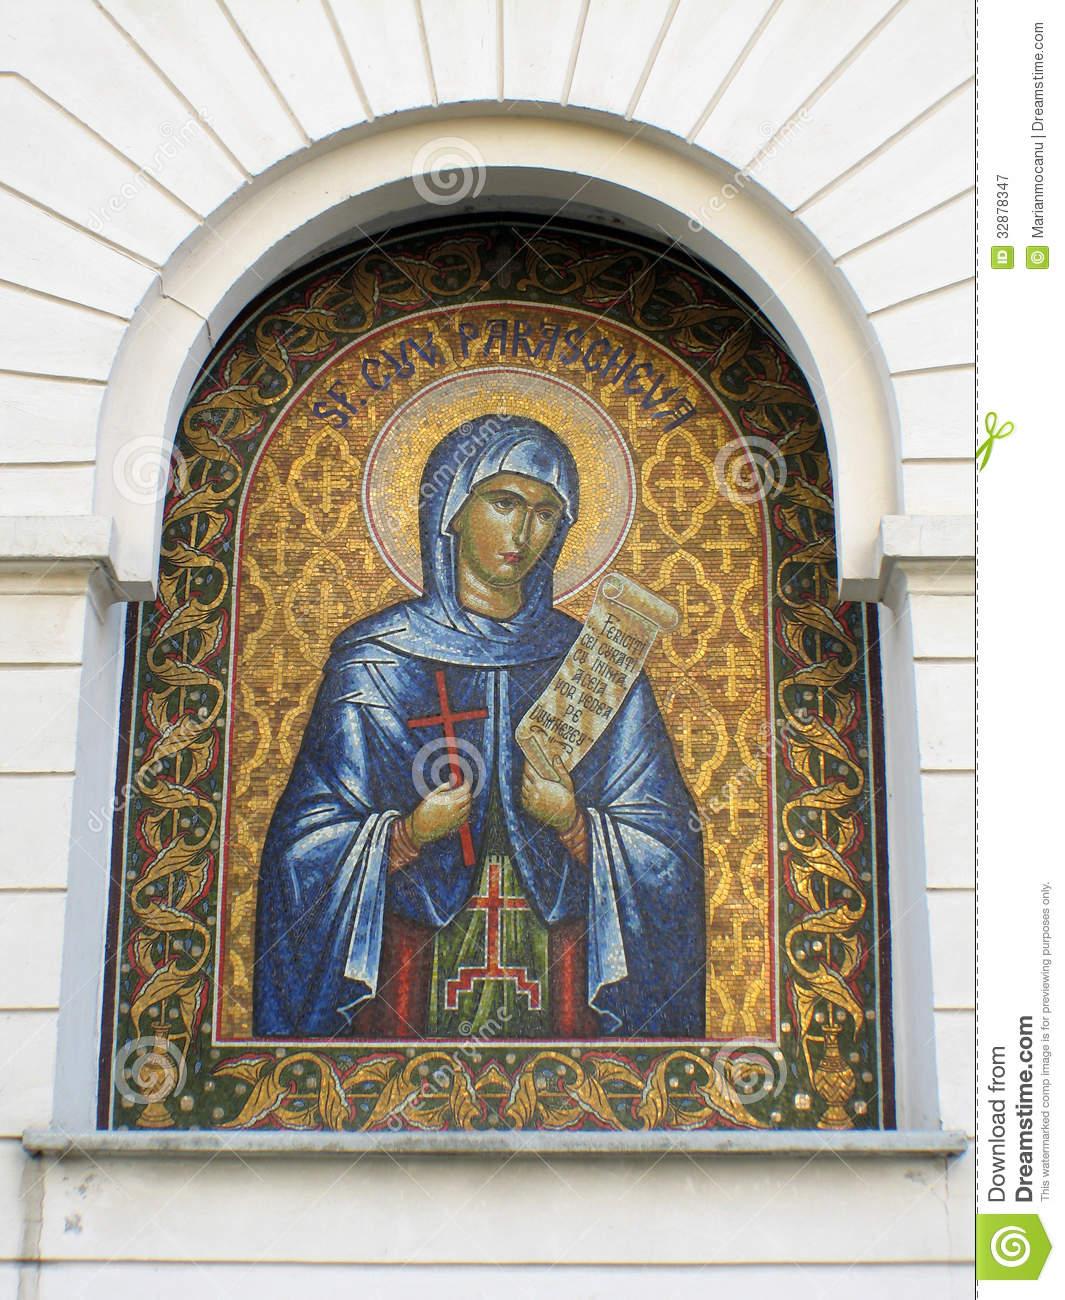 Free Religious Christian Icons